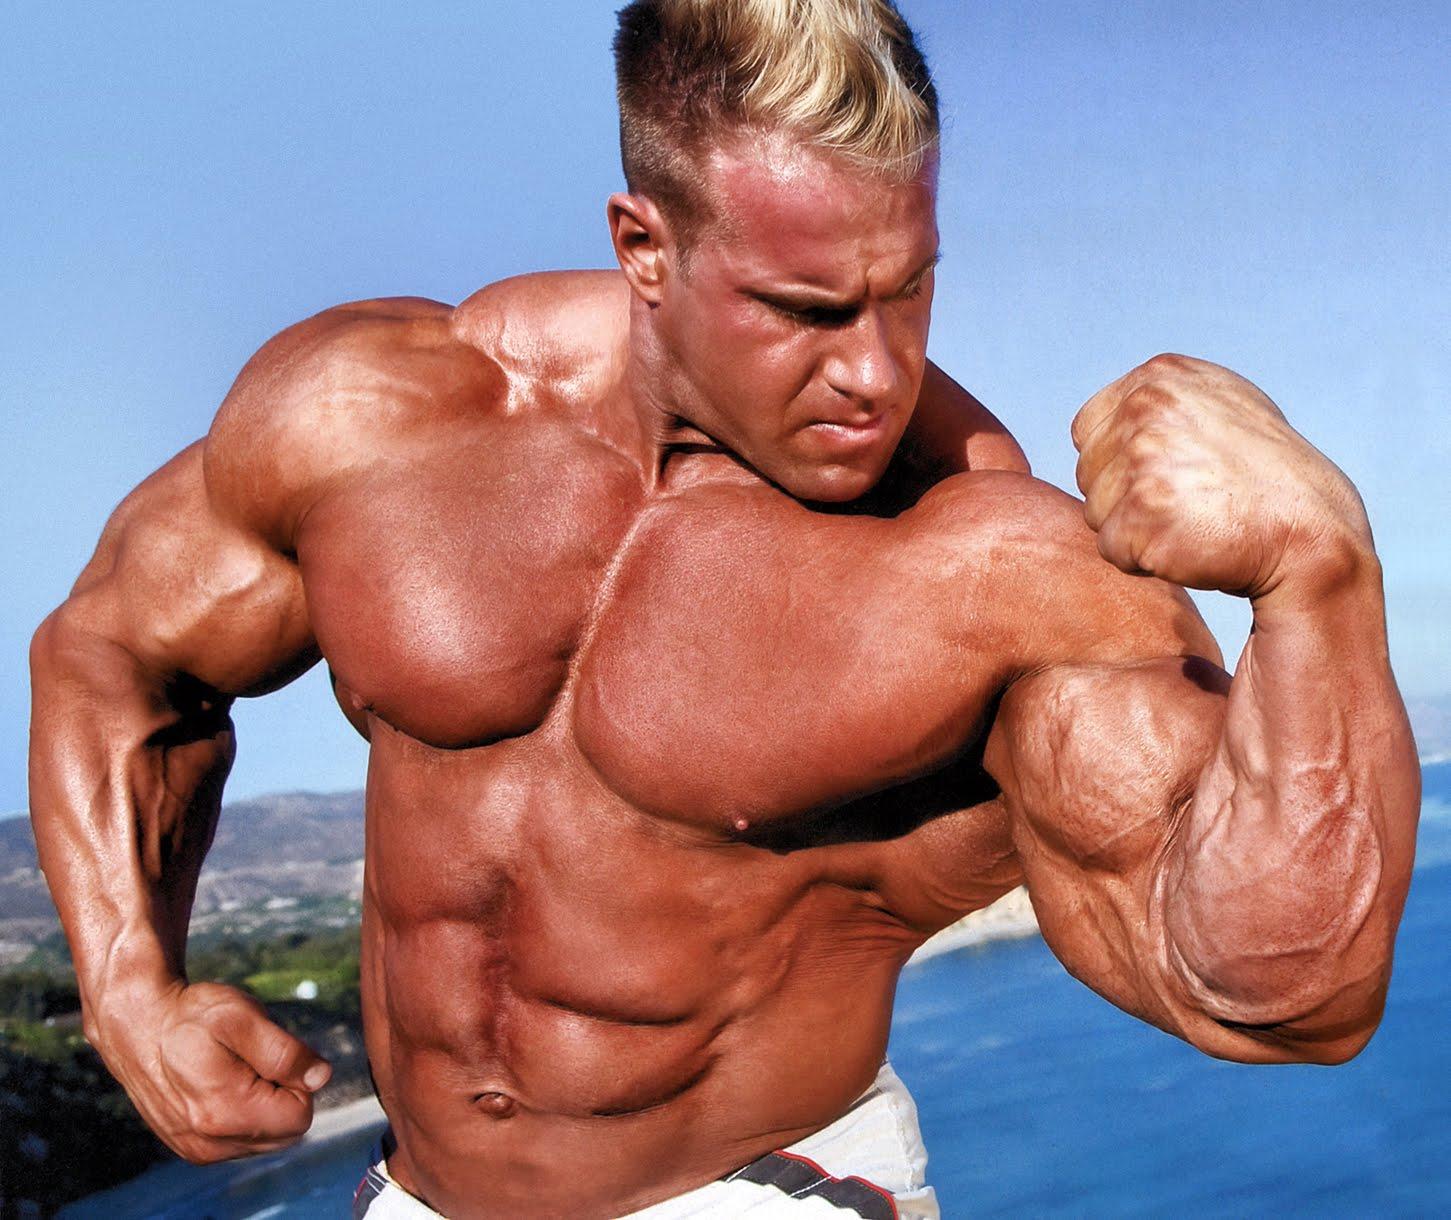 http://2.bp.blogspot.com/-fp16DsHjTLM/UIU2NX4tnaI/AAAAAAAAARg/zFc5hC2-0XE/s1600/Bodybuilder-744574.jpg